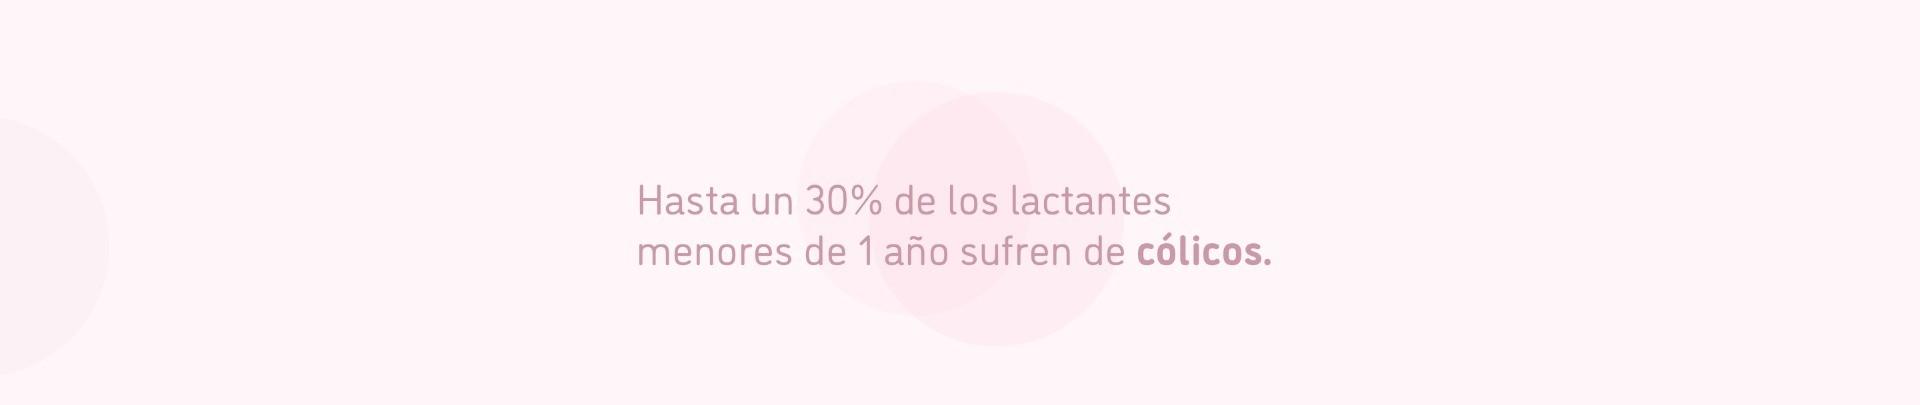 Hasta un 30% de los lactantes menores de 1 año sufren cólicos